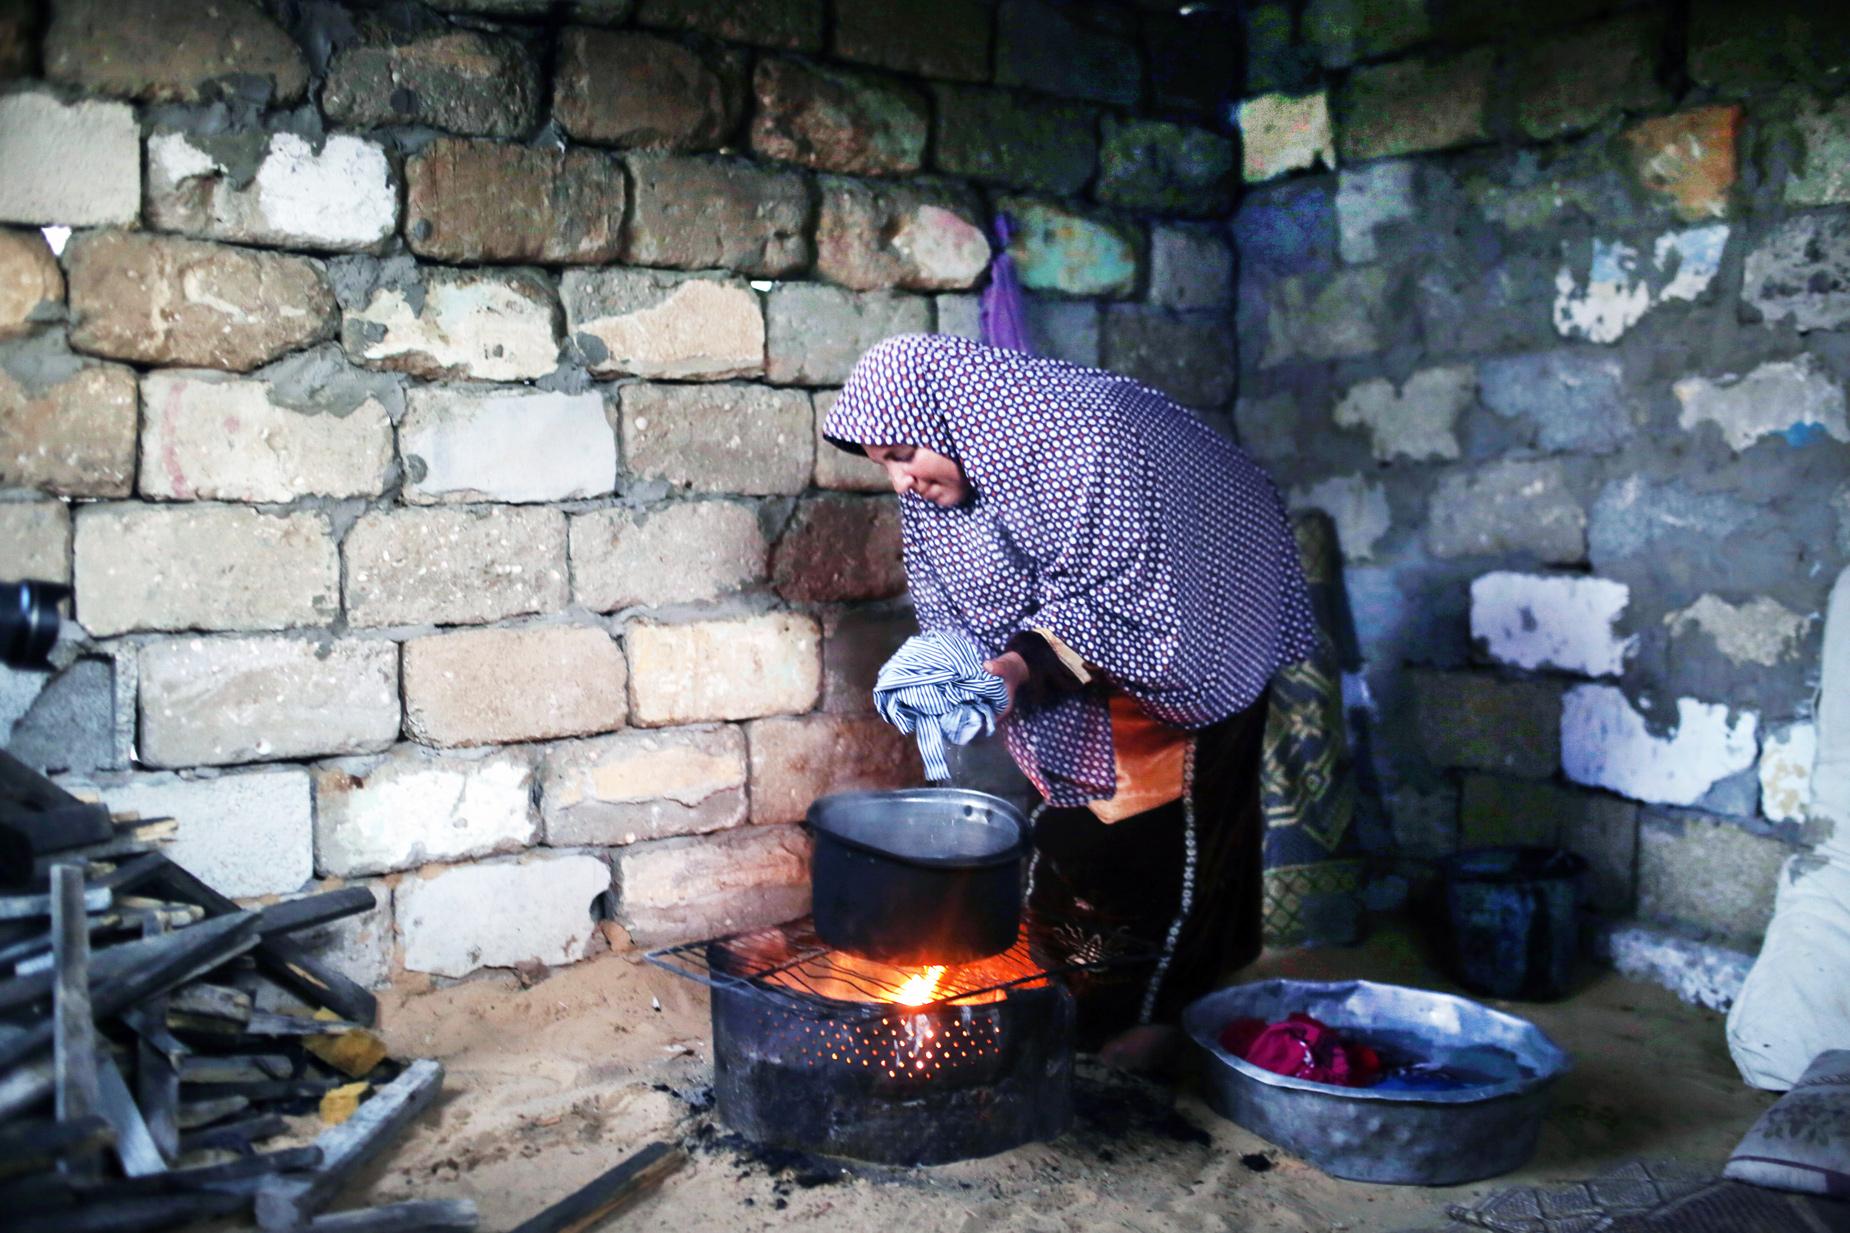 على غرار الكثيرين في غزة، تستخدم لاجئة فلسطينيية في مخيم الشاطئ للاجئين، غرب مدينة غزة، الوسيلة الوحيدة المتاحة لها لطهي الطعام وغسل الملابس ©2017 الأونروا، تصوير: تامر حمام